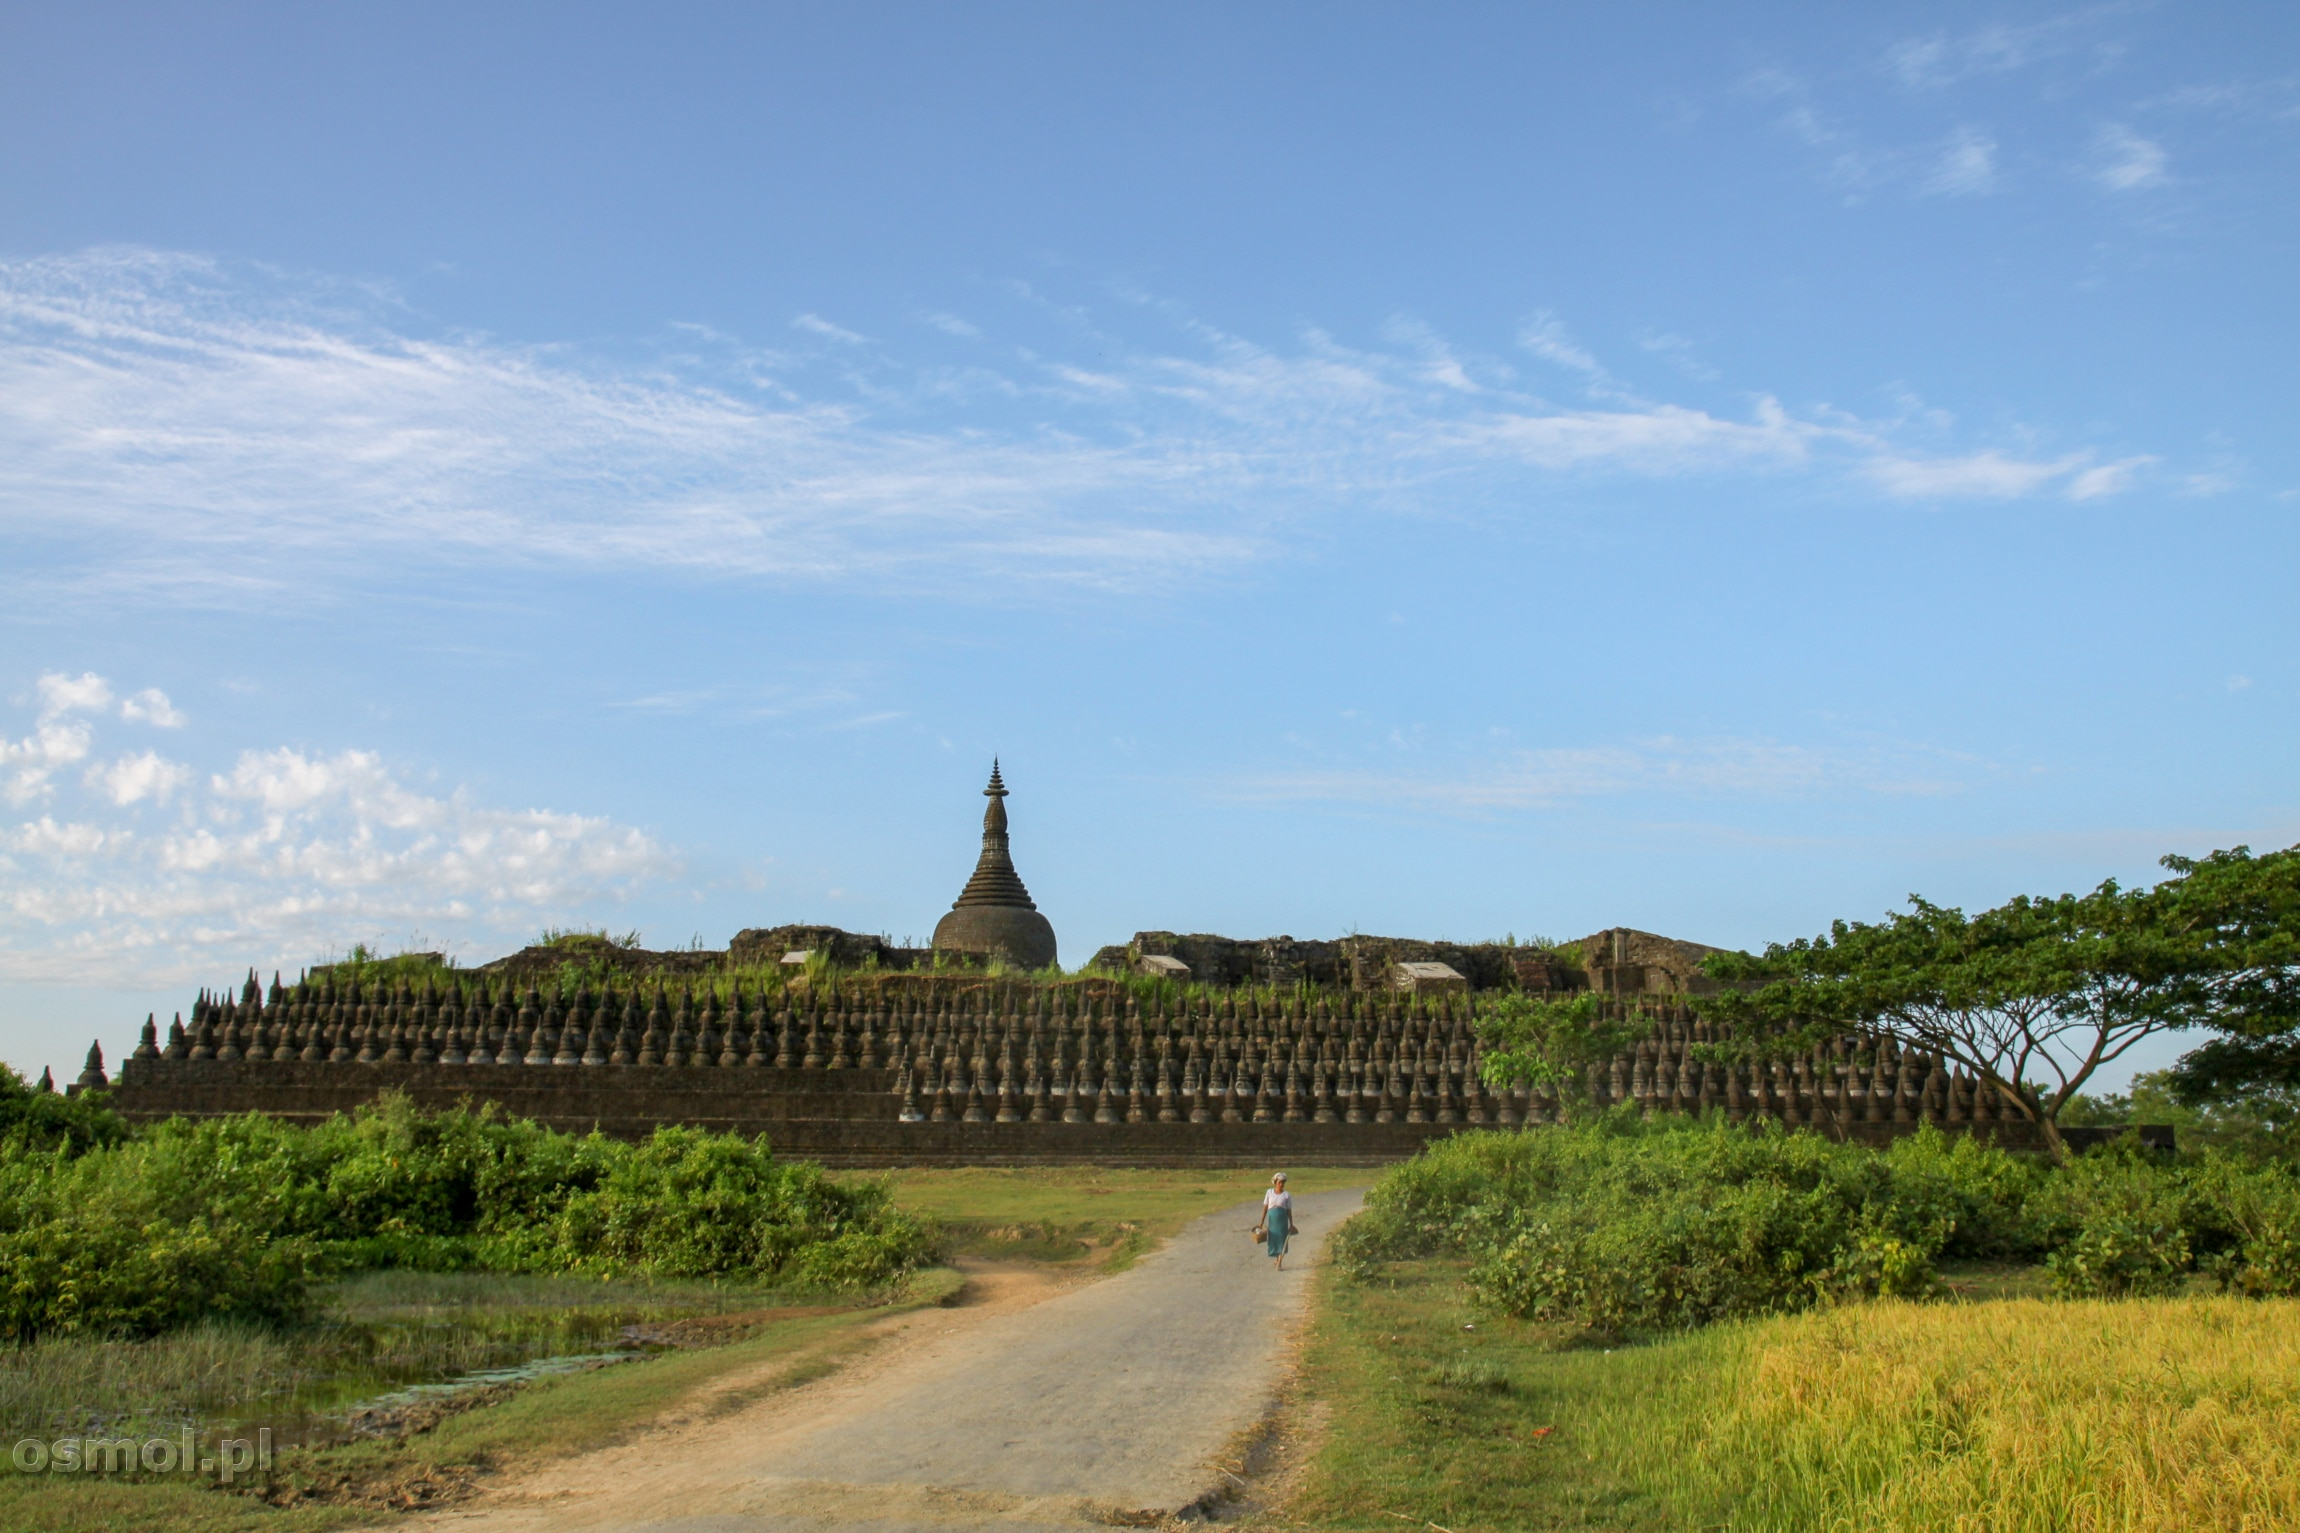 Świątynia Kothaung w Mrauk U